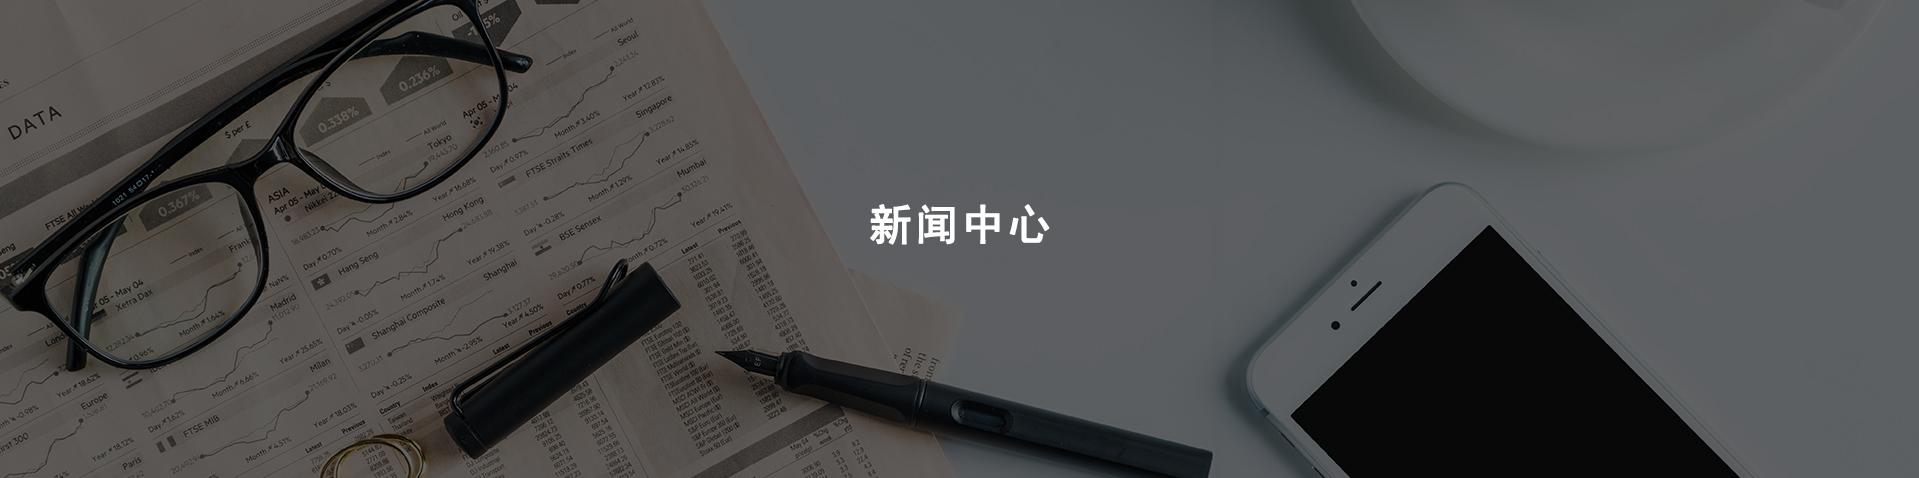 南宁网络公司